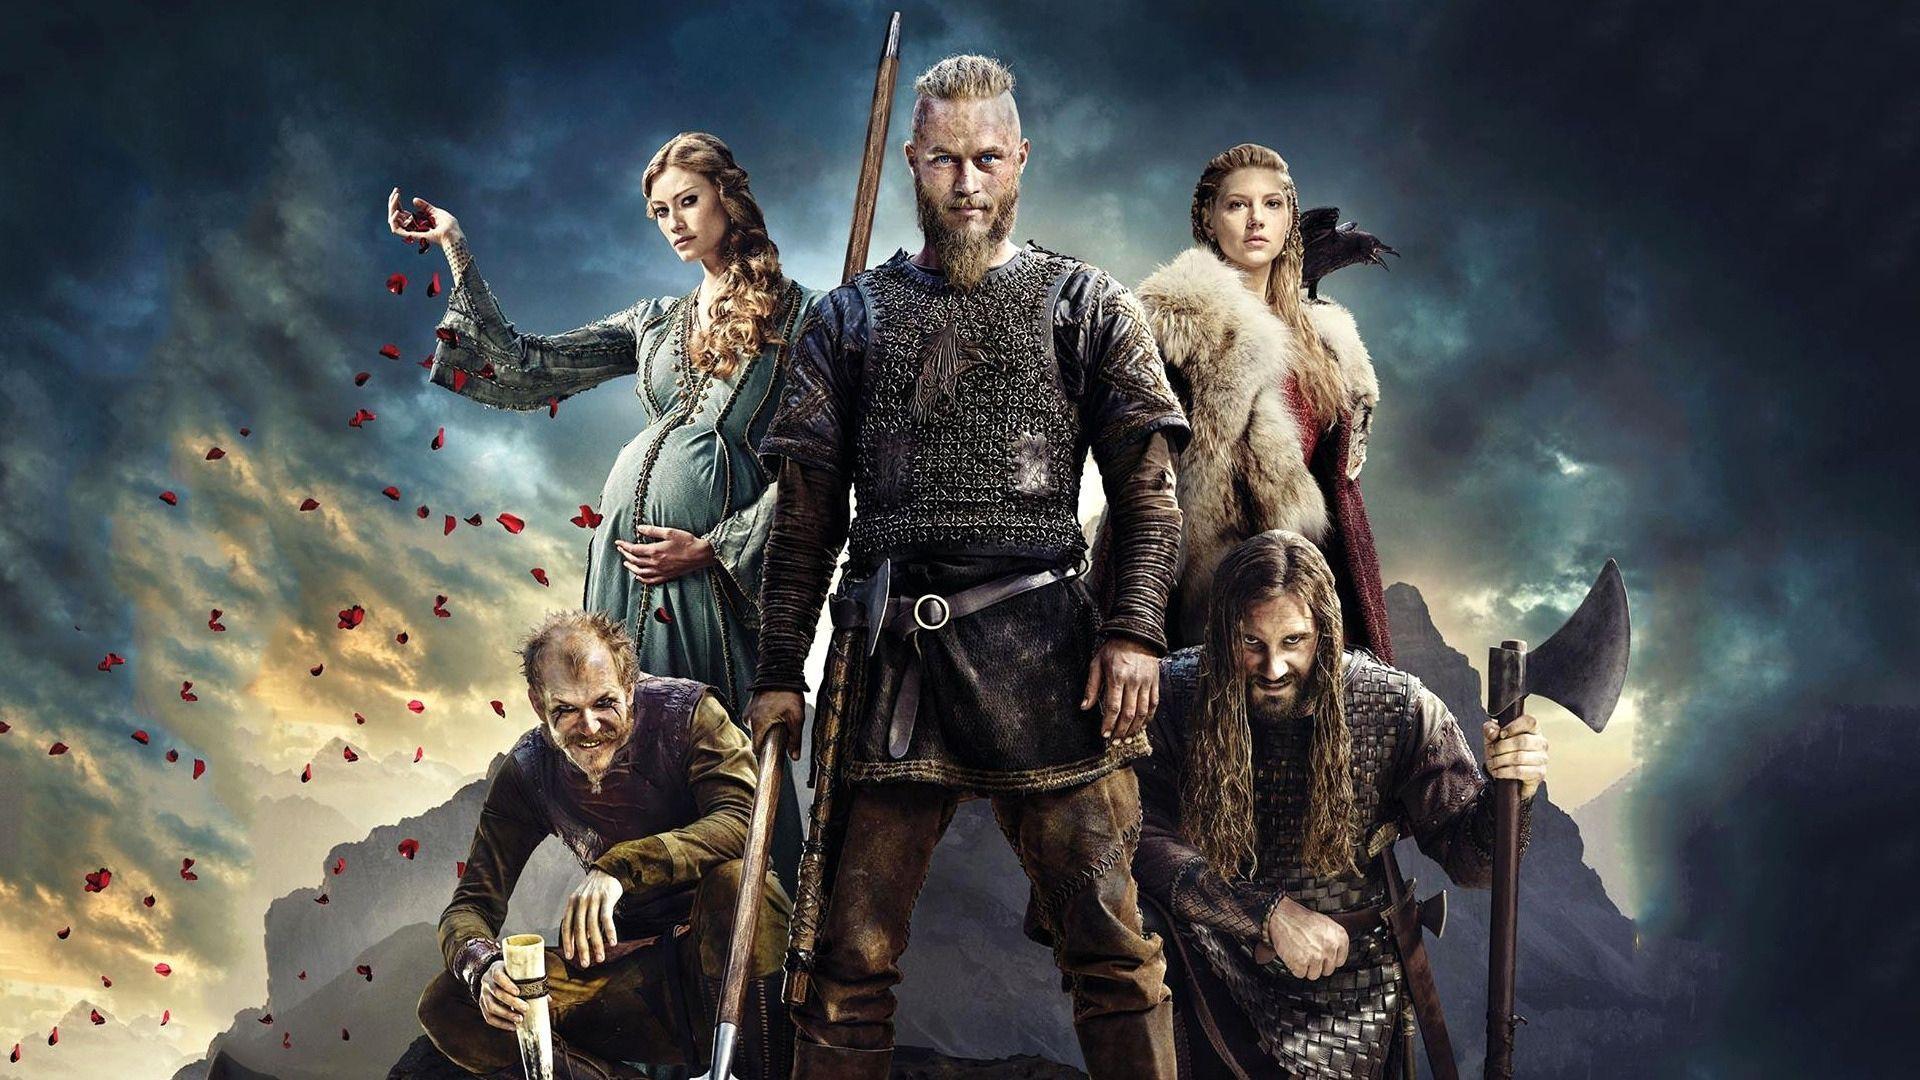 Vikings Wallpapers Hd Wallpaper Cave